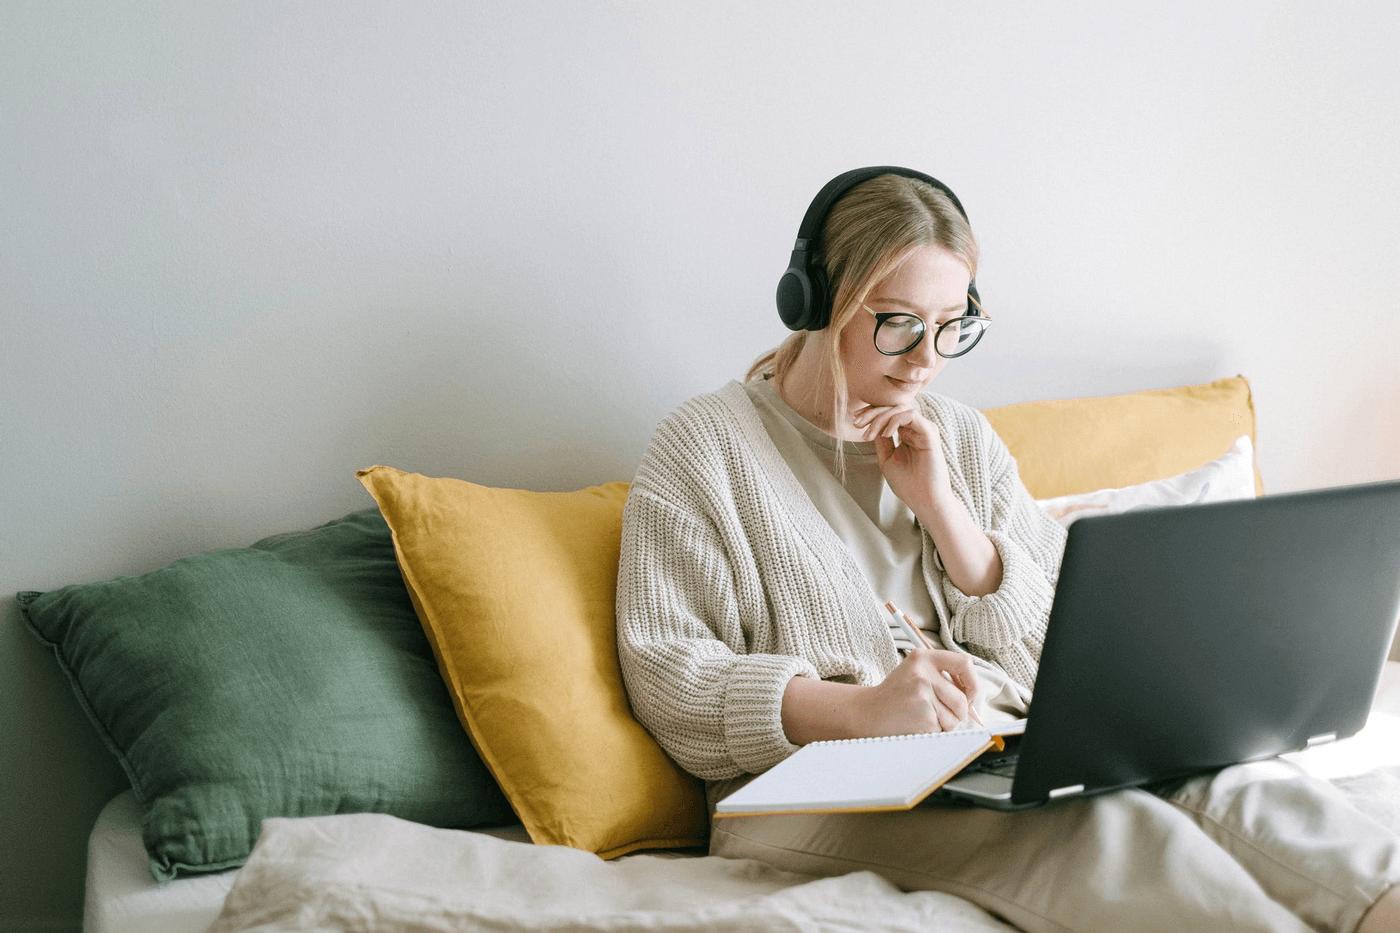 Une étudiante en train d'écrire sur un ordinateur